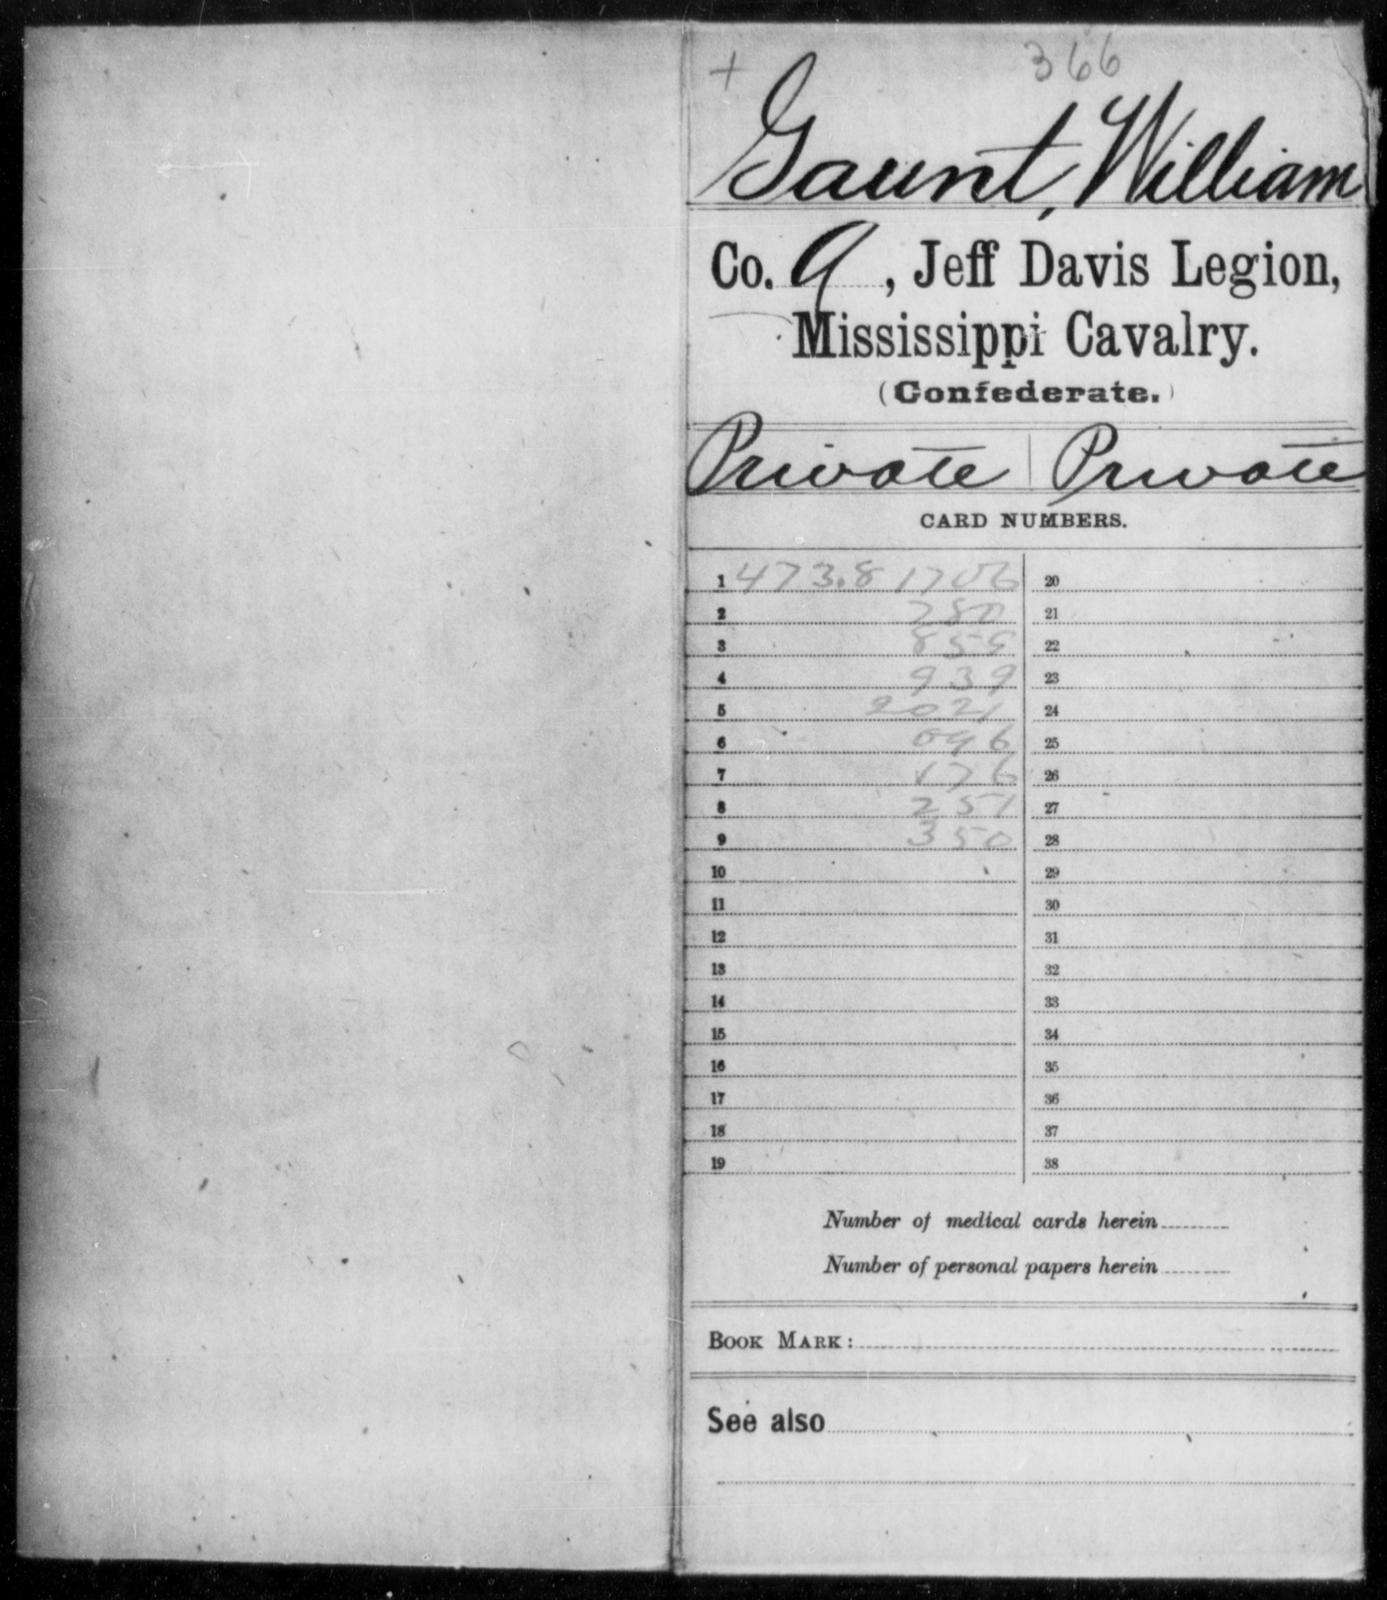 Gaunt, William - Age: 41, Year: 1861 - Mississippi Jeff Davis Legion, Cavalry, G-K